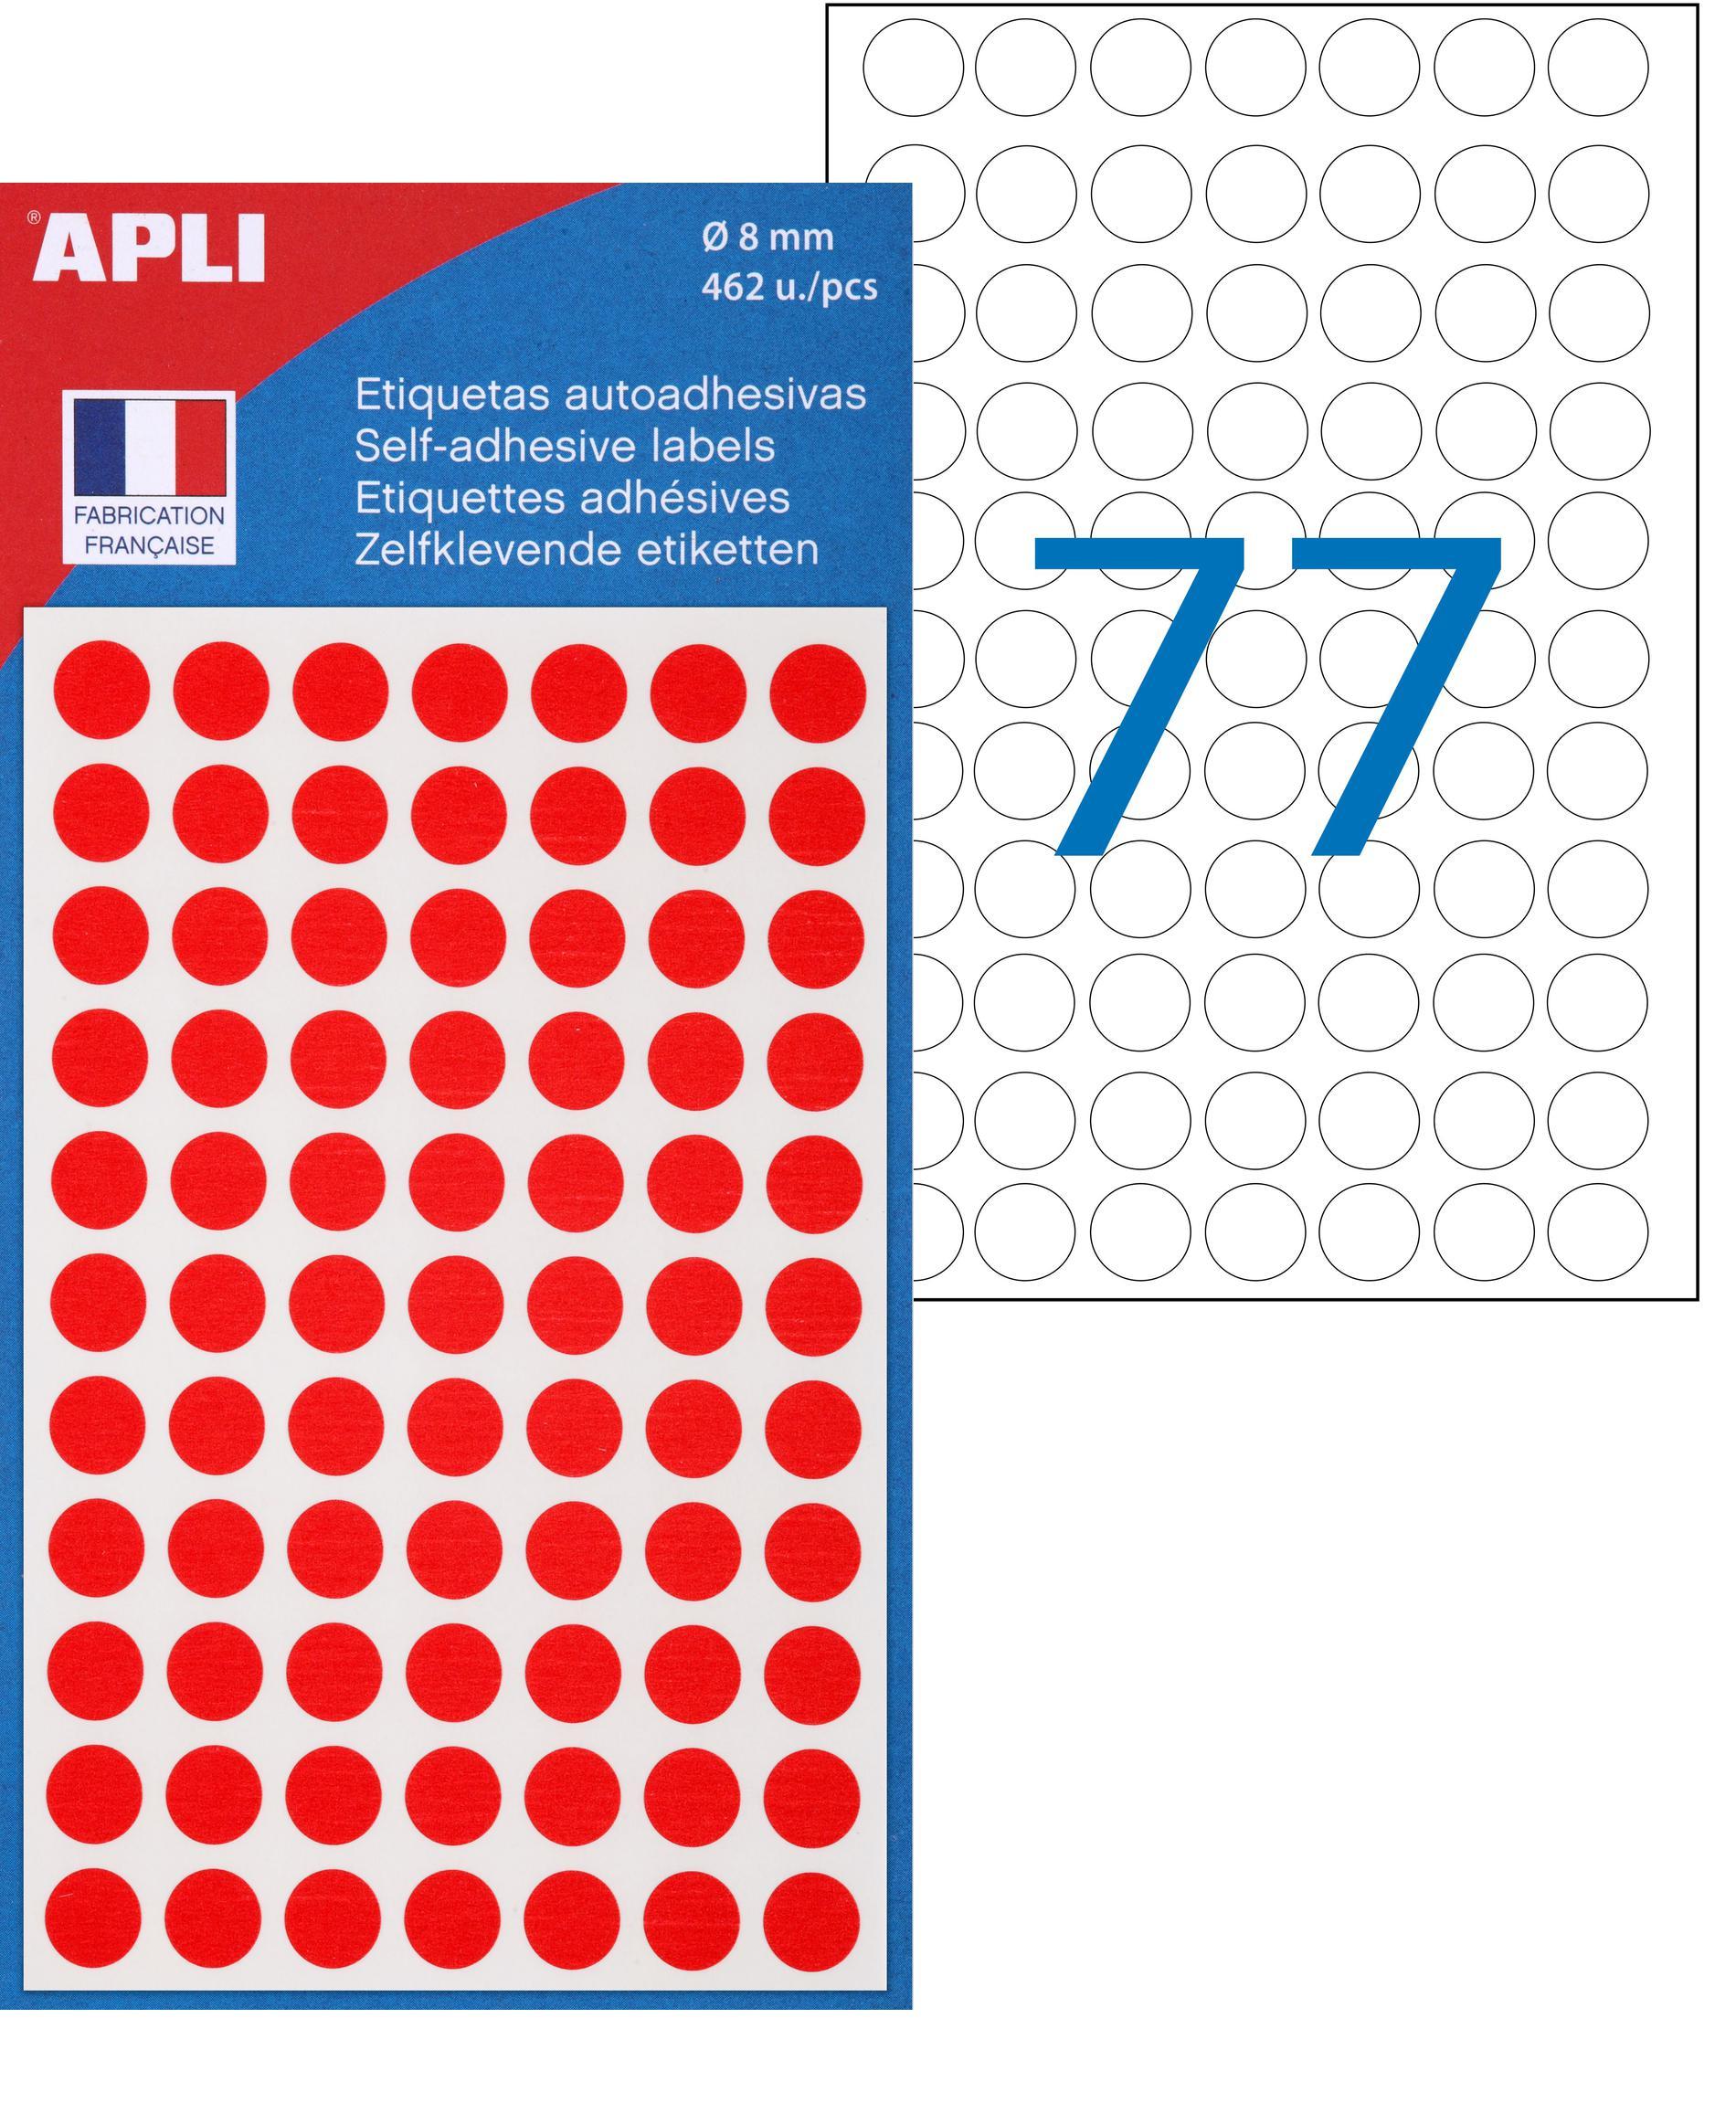 Apli Agipa - 462 Pastilles adhésives - rouge - diamètre 8 mm - réf 111833